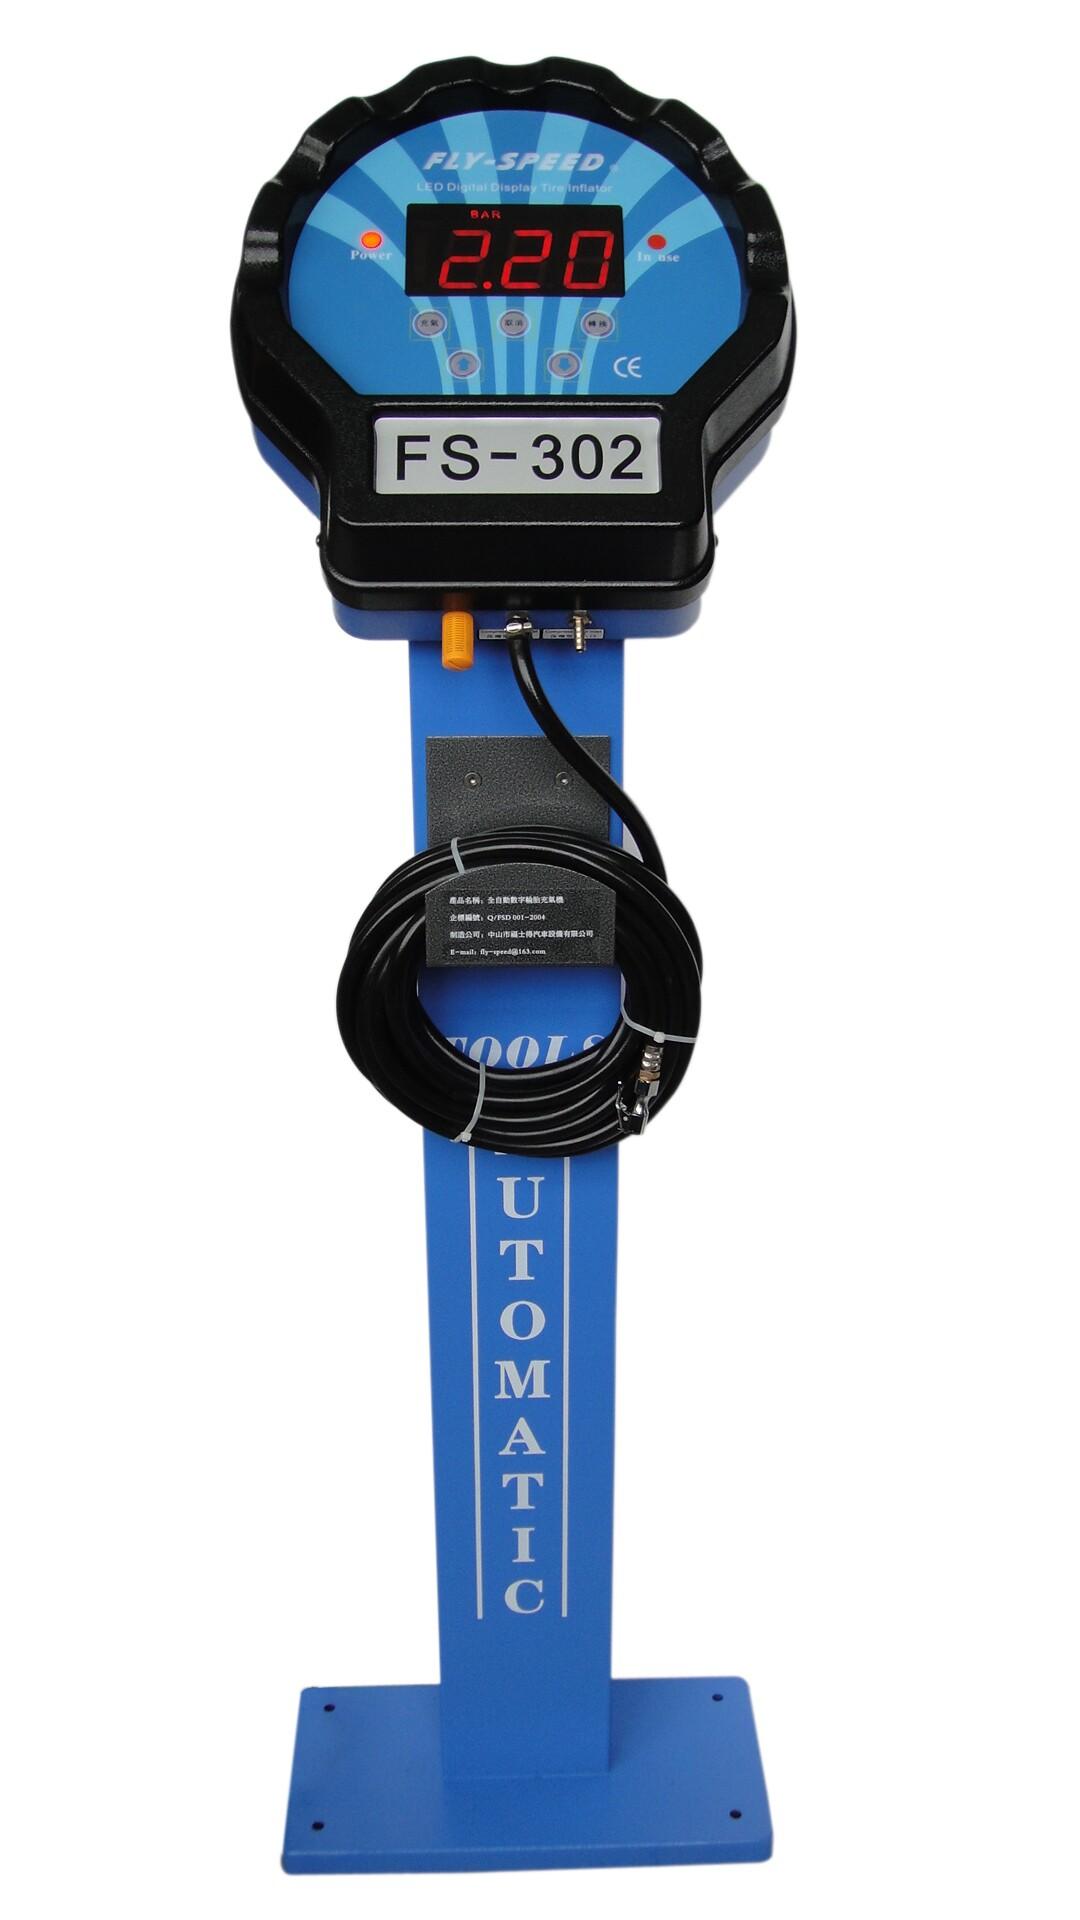 Скорость ветра марка автомобиля FS-302 шина полностью автоматическая Вертикальный инфлятор для инфлятора